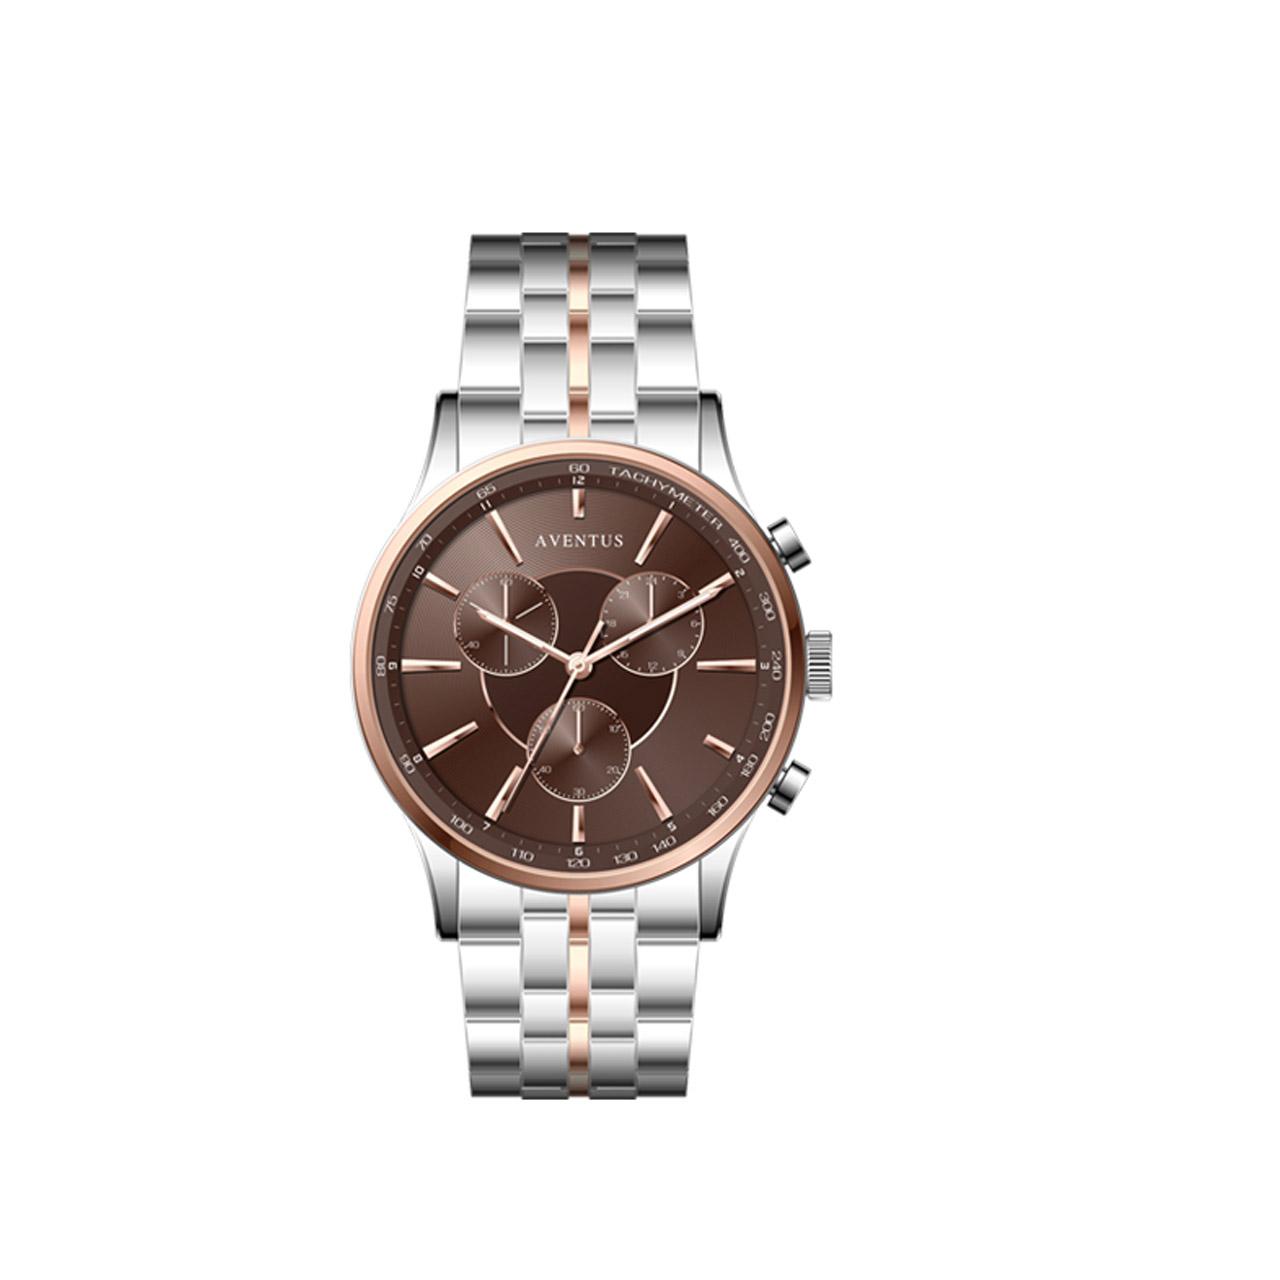 ساعت مچی عقربه ای زنانه اونتوس مدل 1348-6LBR 19